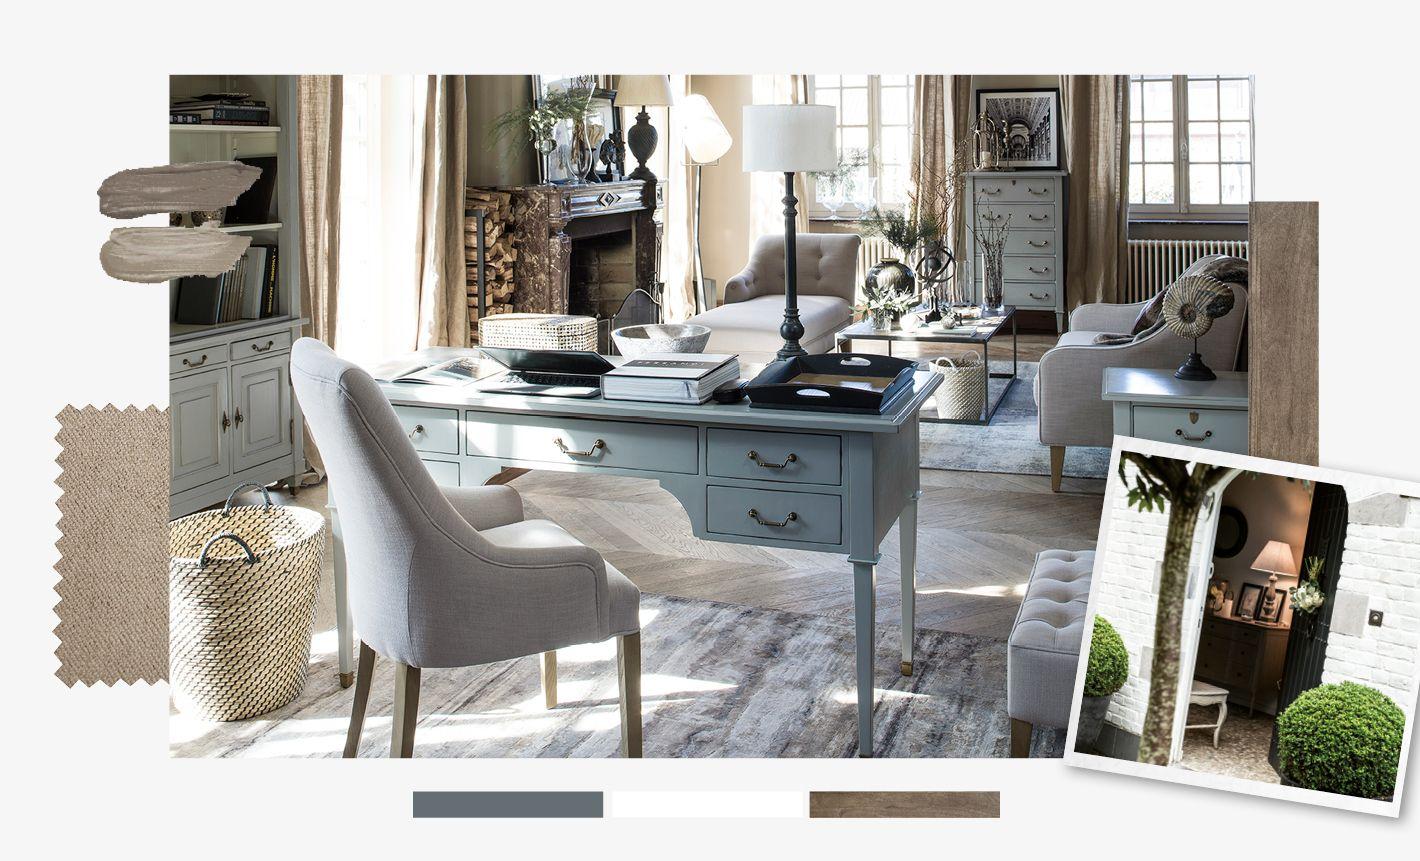 Canapé Campagne Chic Pas Cher style classique chic : meuble classique chic - interior's